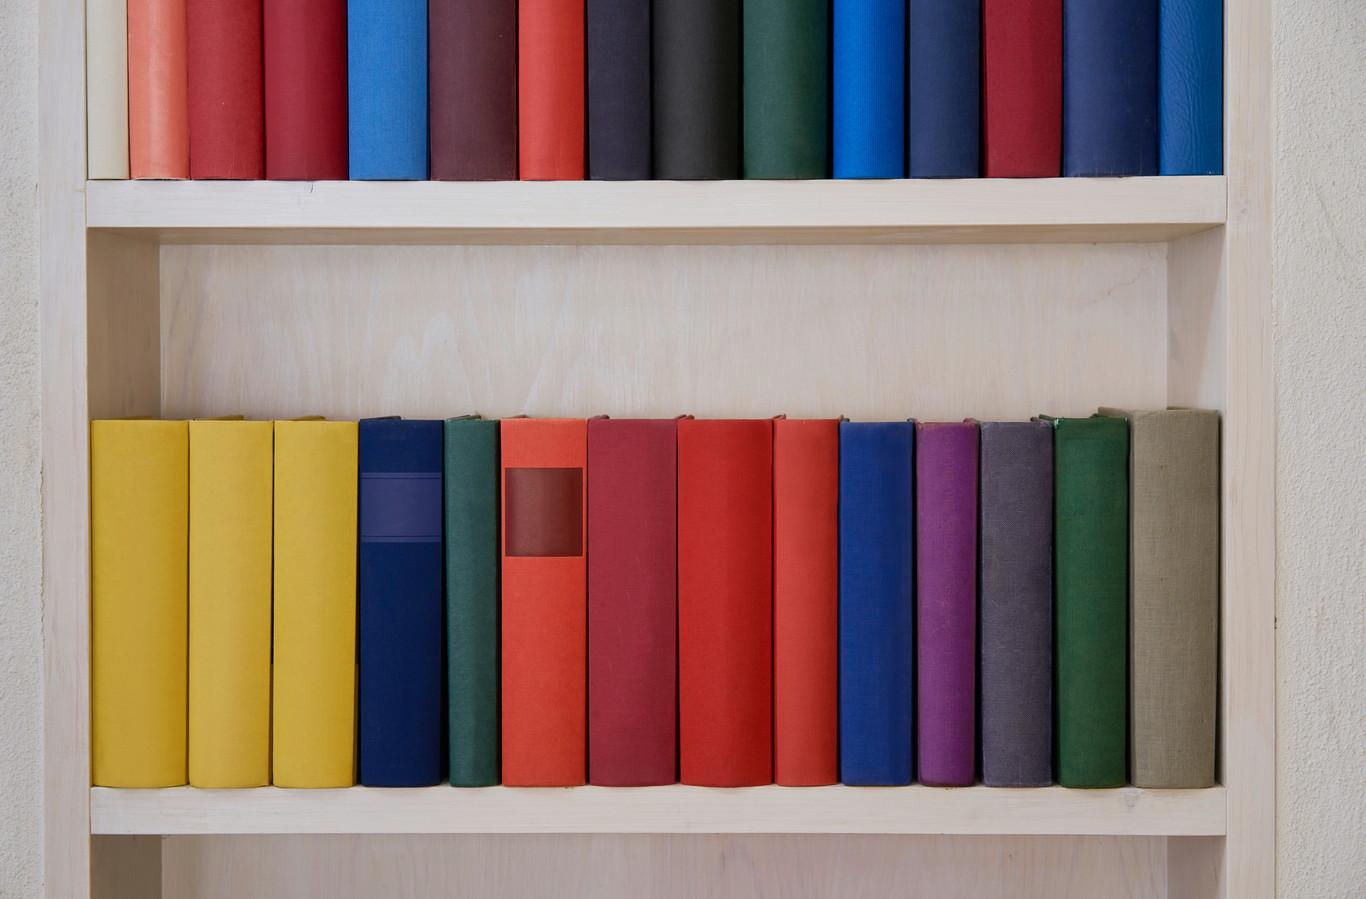 De boeken met nieuwe kaft gesorteerd op kleur.